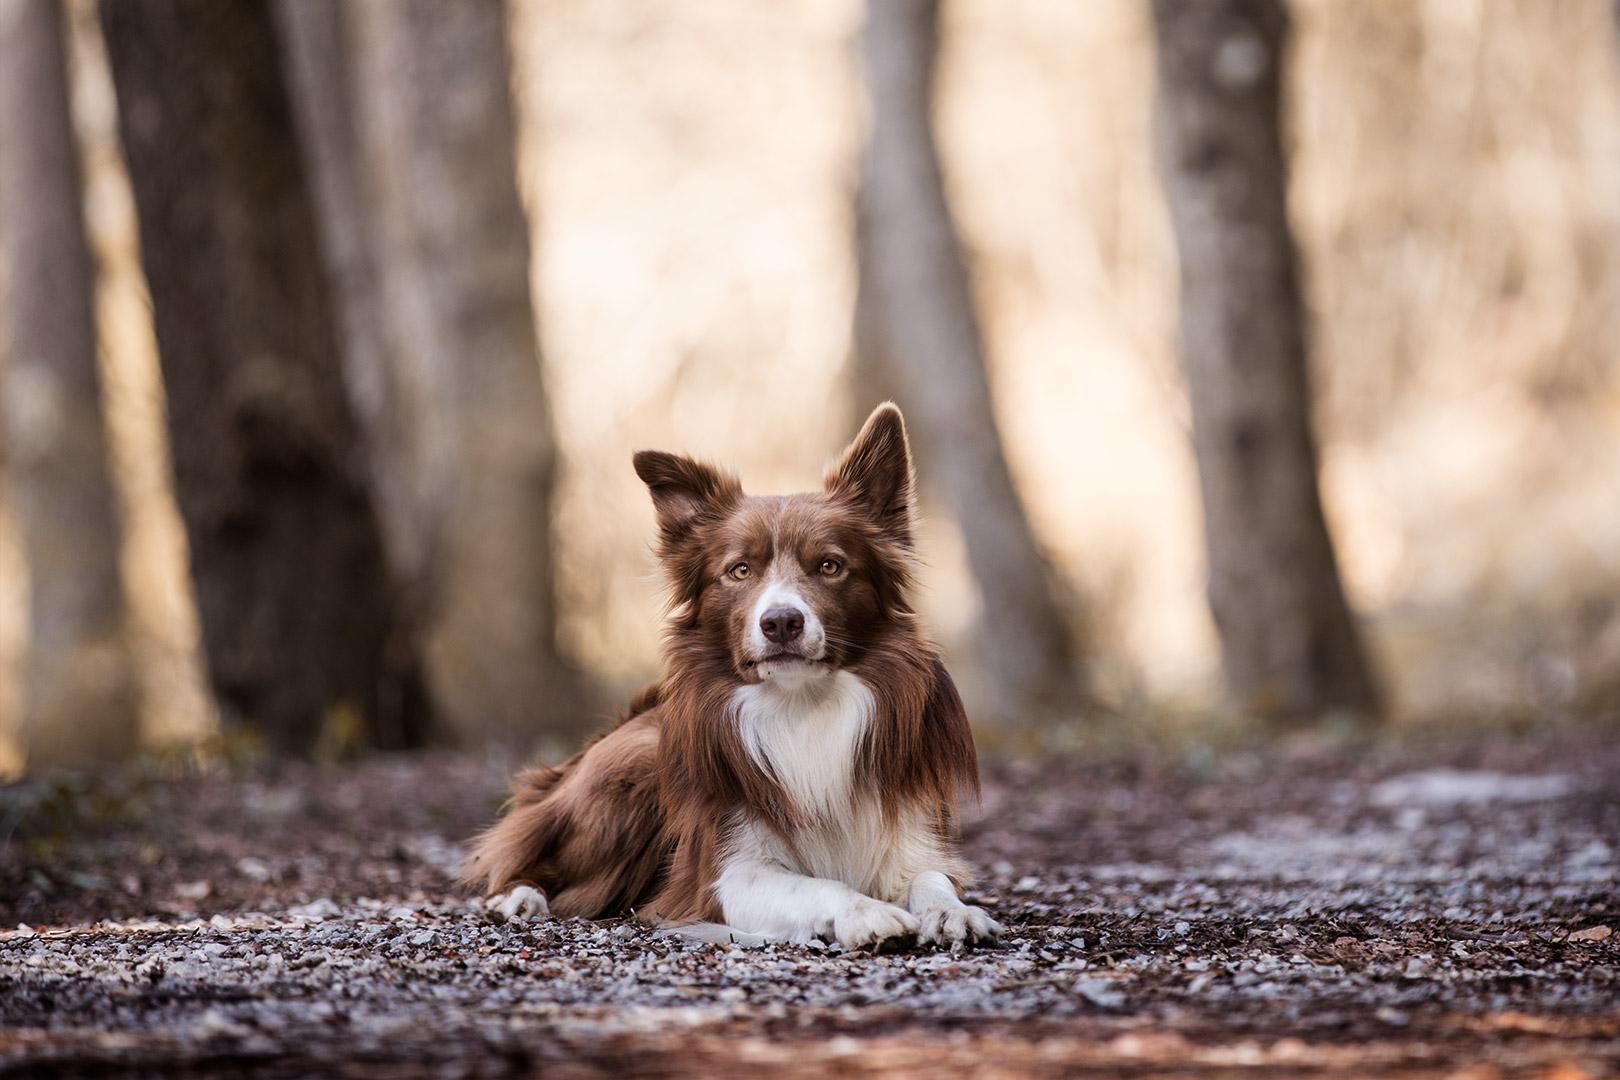 cane sdraiato fra gli alberi